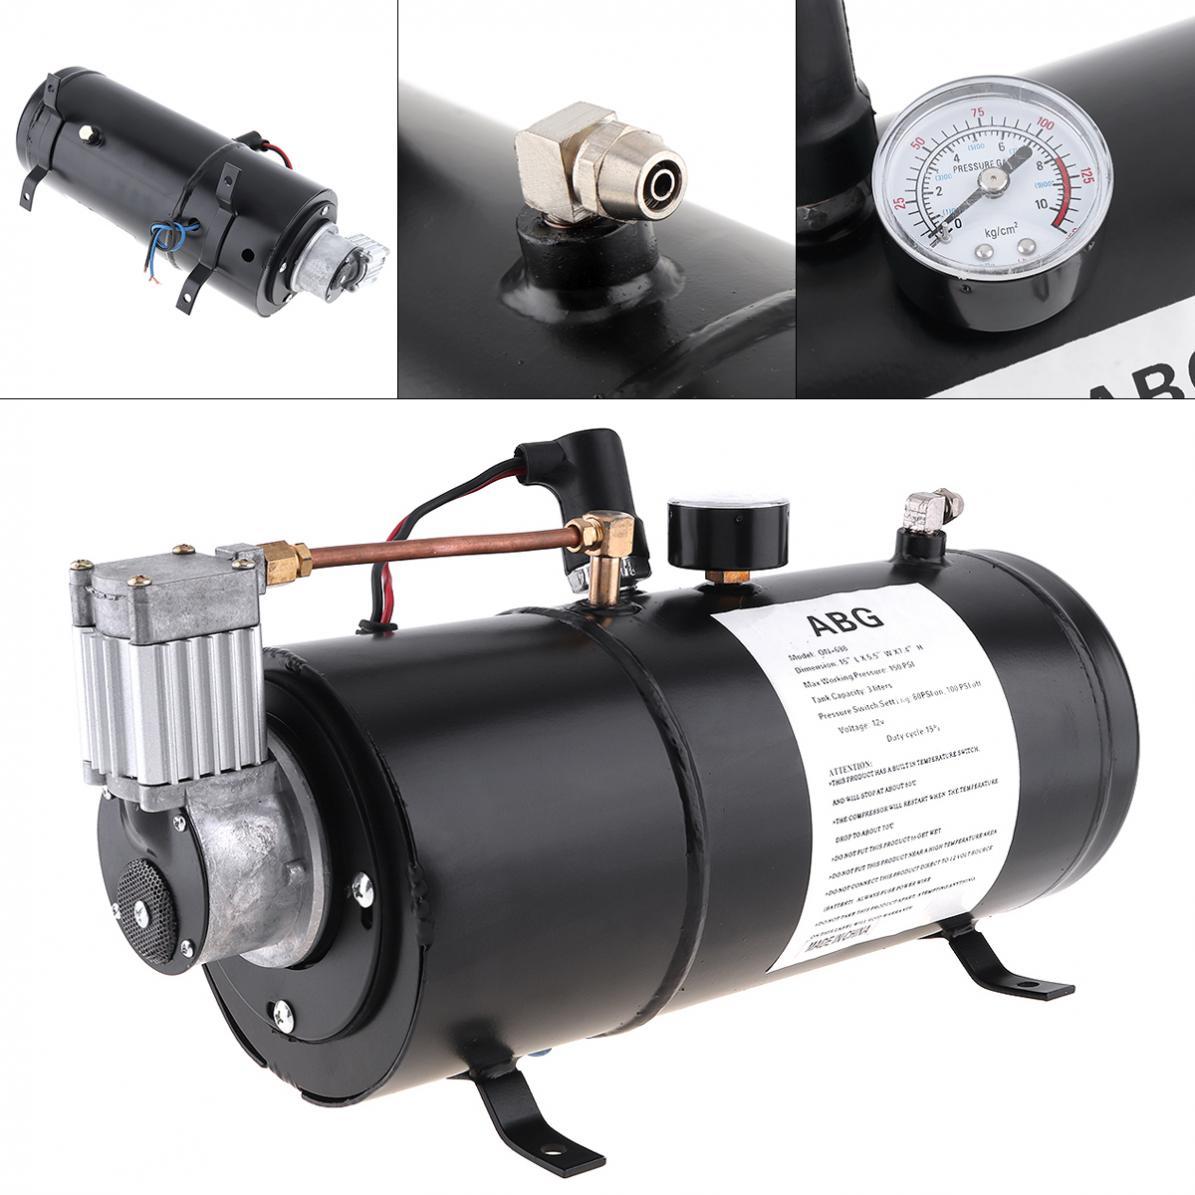 Pompe universelle Durable de réservoir de compresseur de klaxon d'air de voiture de 12 V 125 PSI pour le bateau automatique de camion de voiture de Train